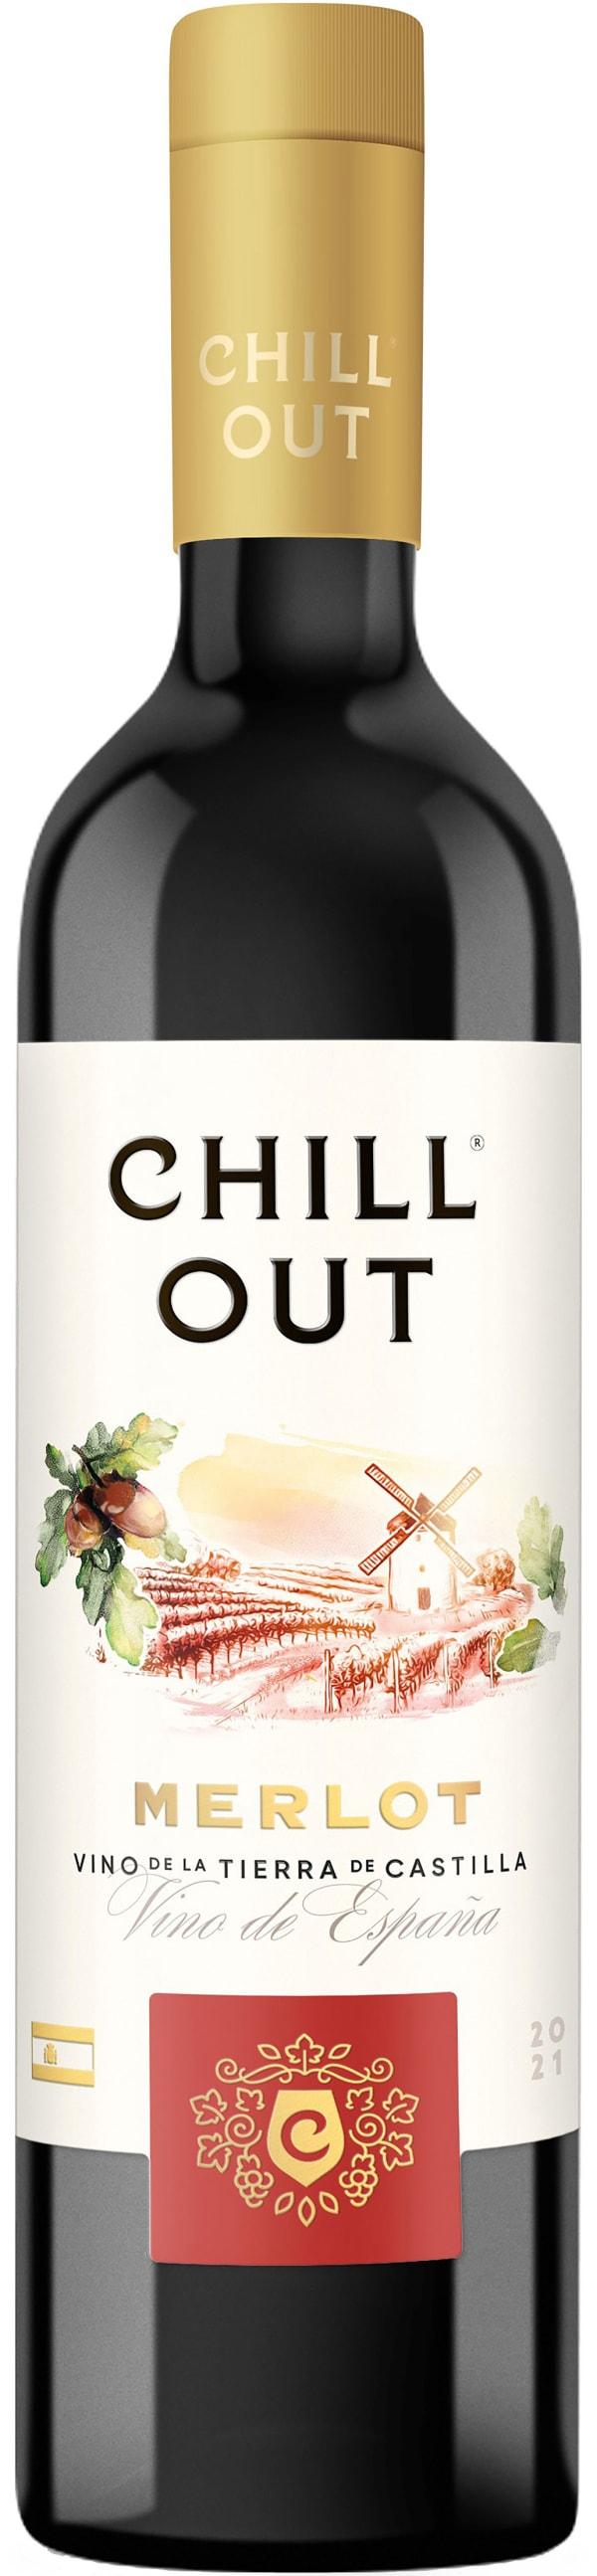 Chill Out Soft & Vibrant Merlot 2015 plastflaska